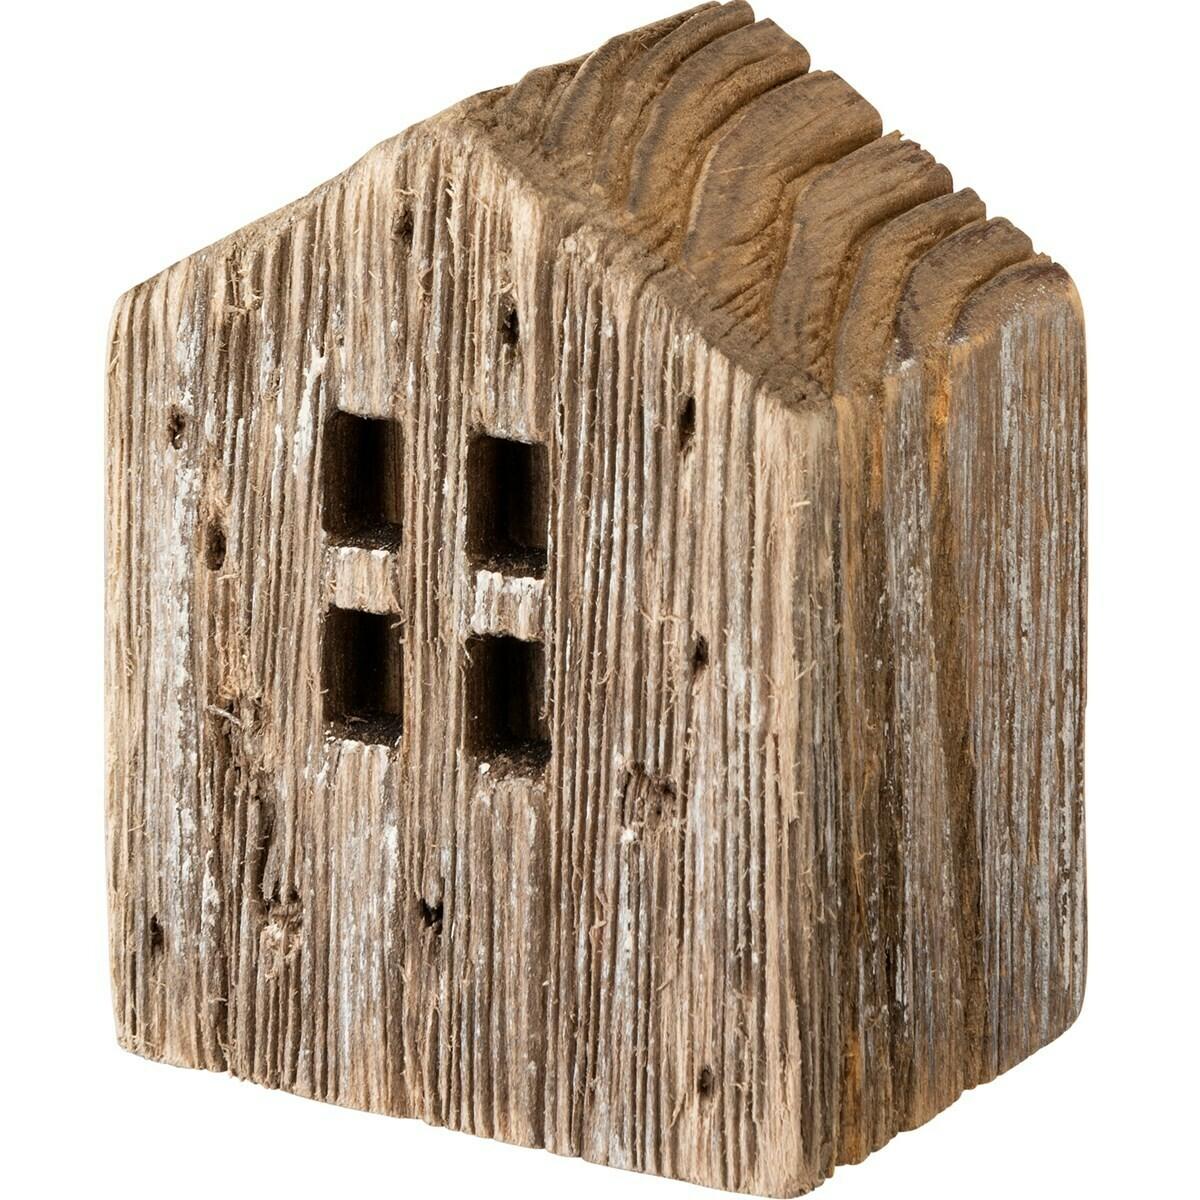 Sm Brown Rustic Wood House